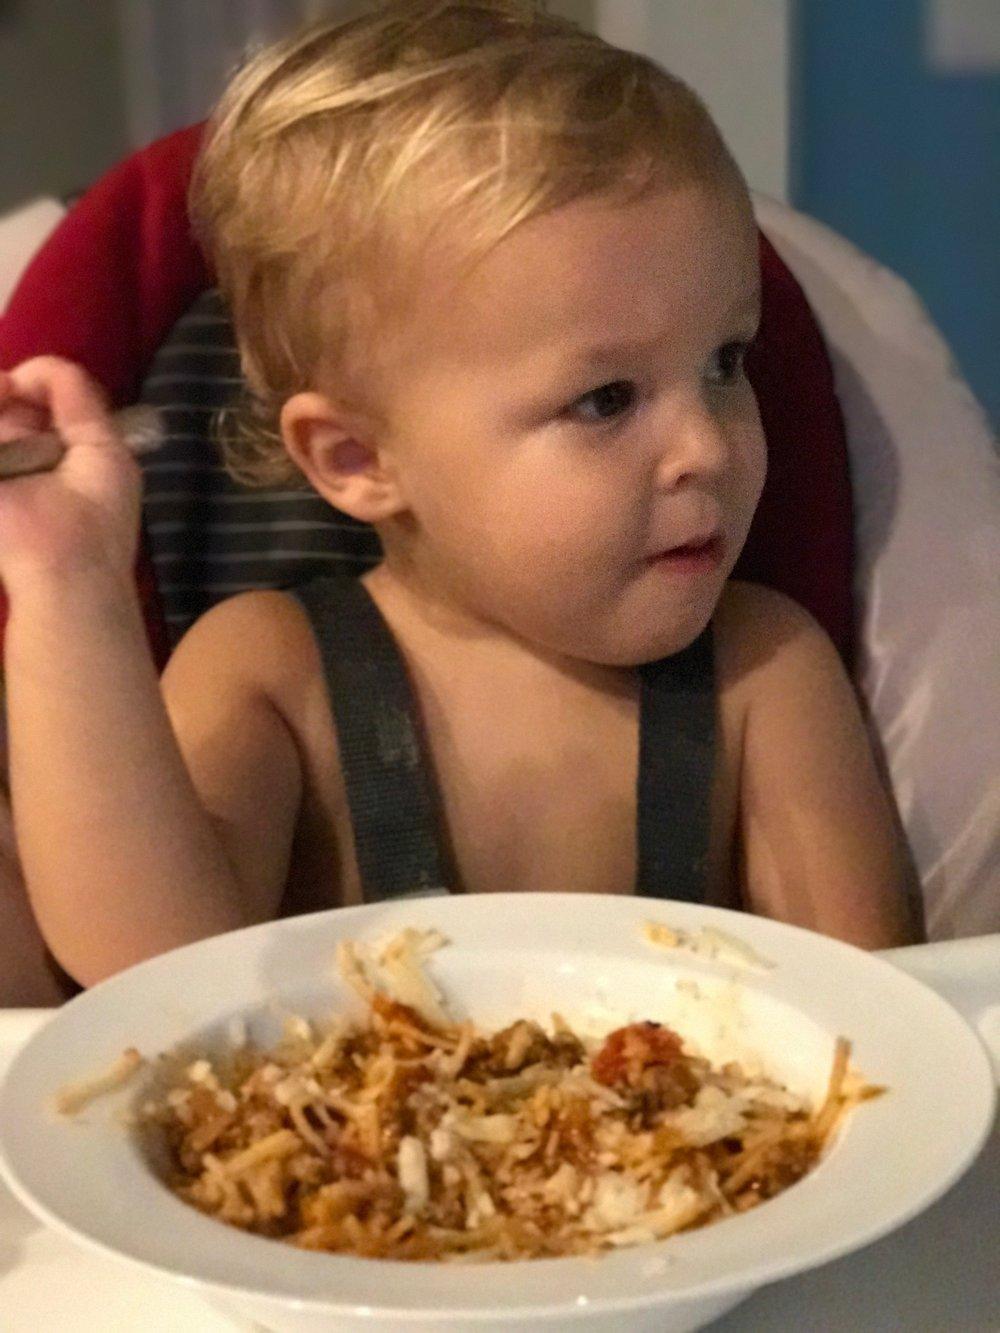 Spaghetti for dinner